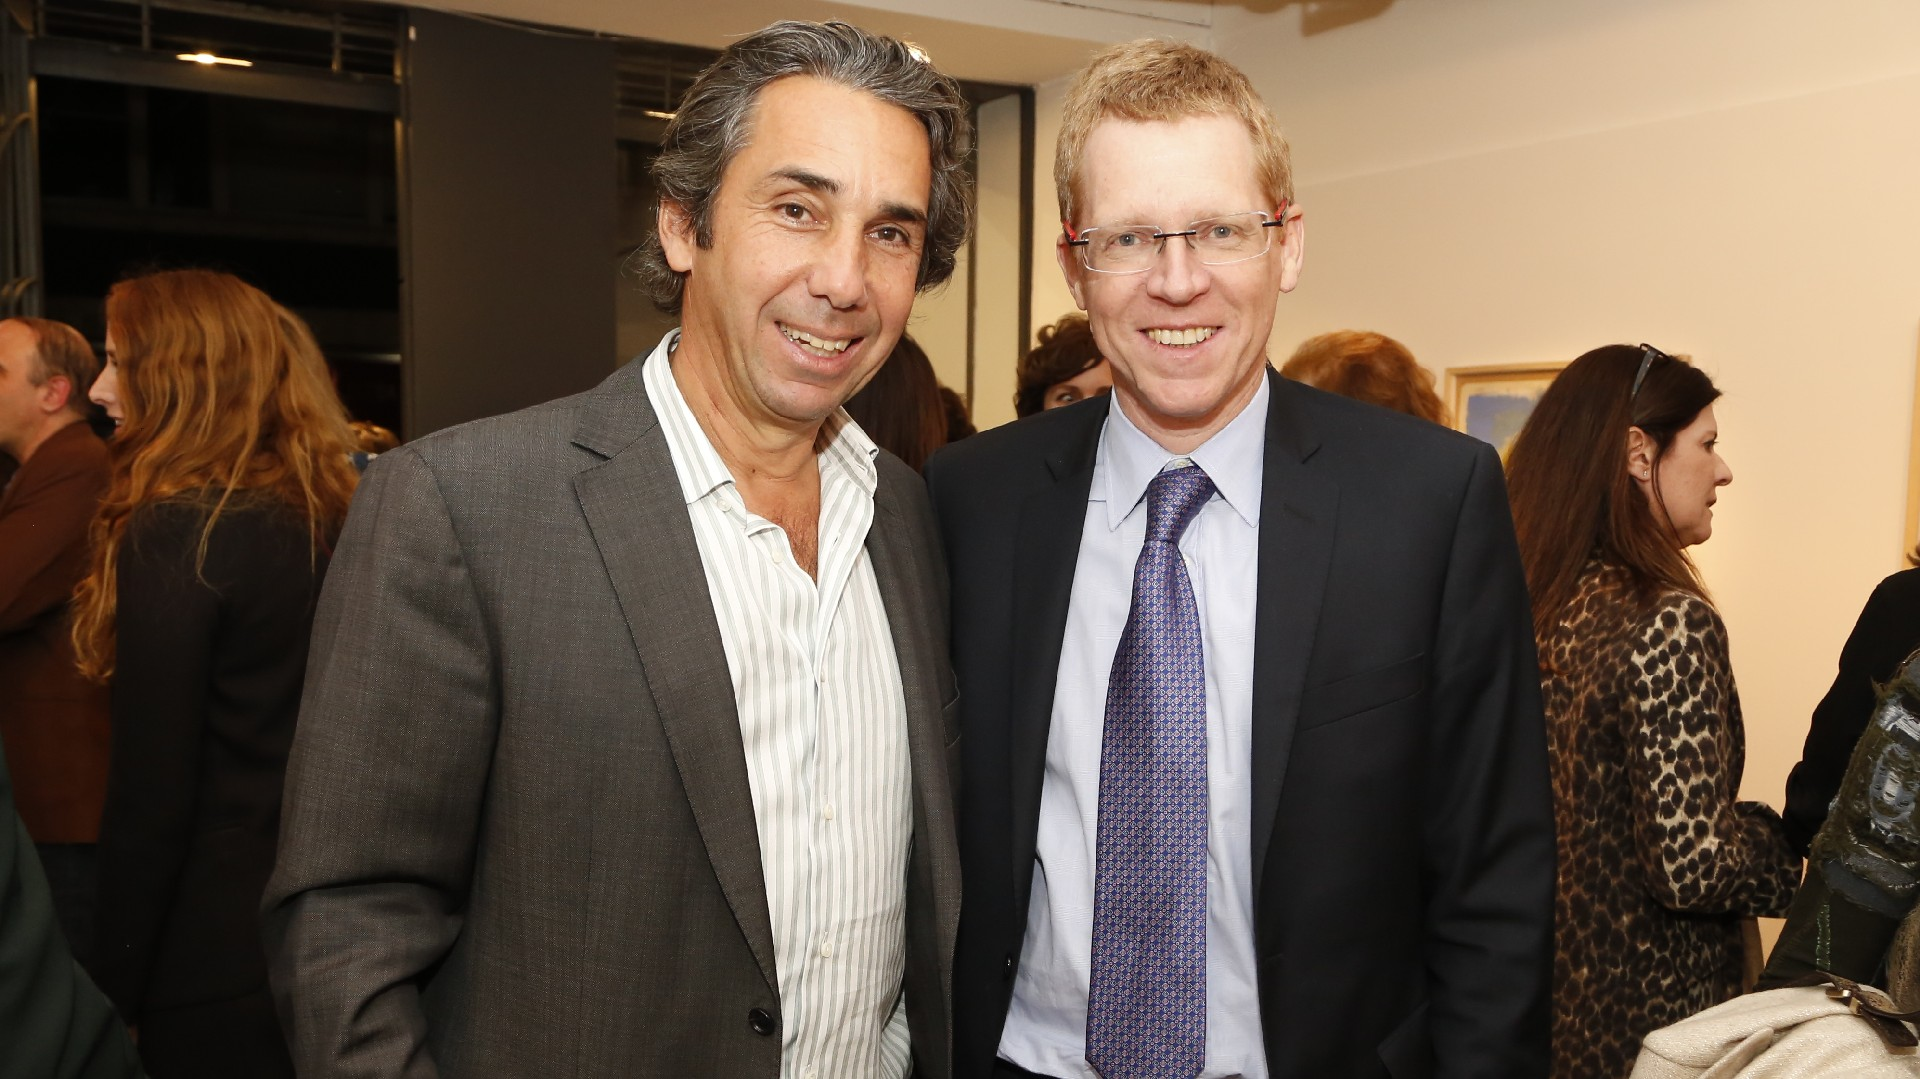 Dicky Smith Estrada y Juan Curutchet, presidente del Banco Provincia